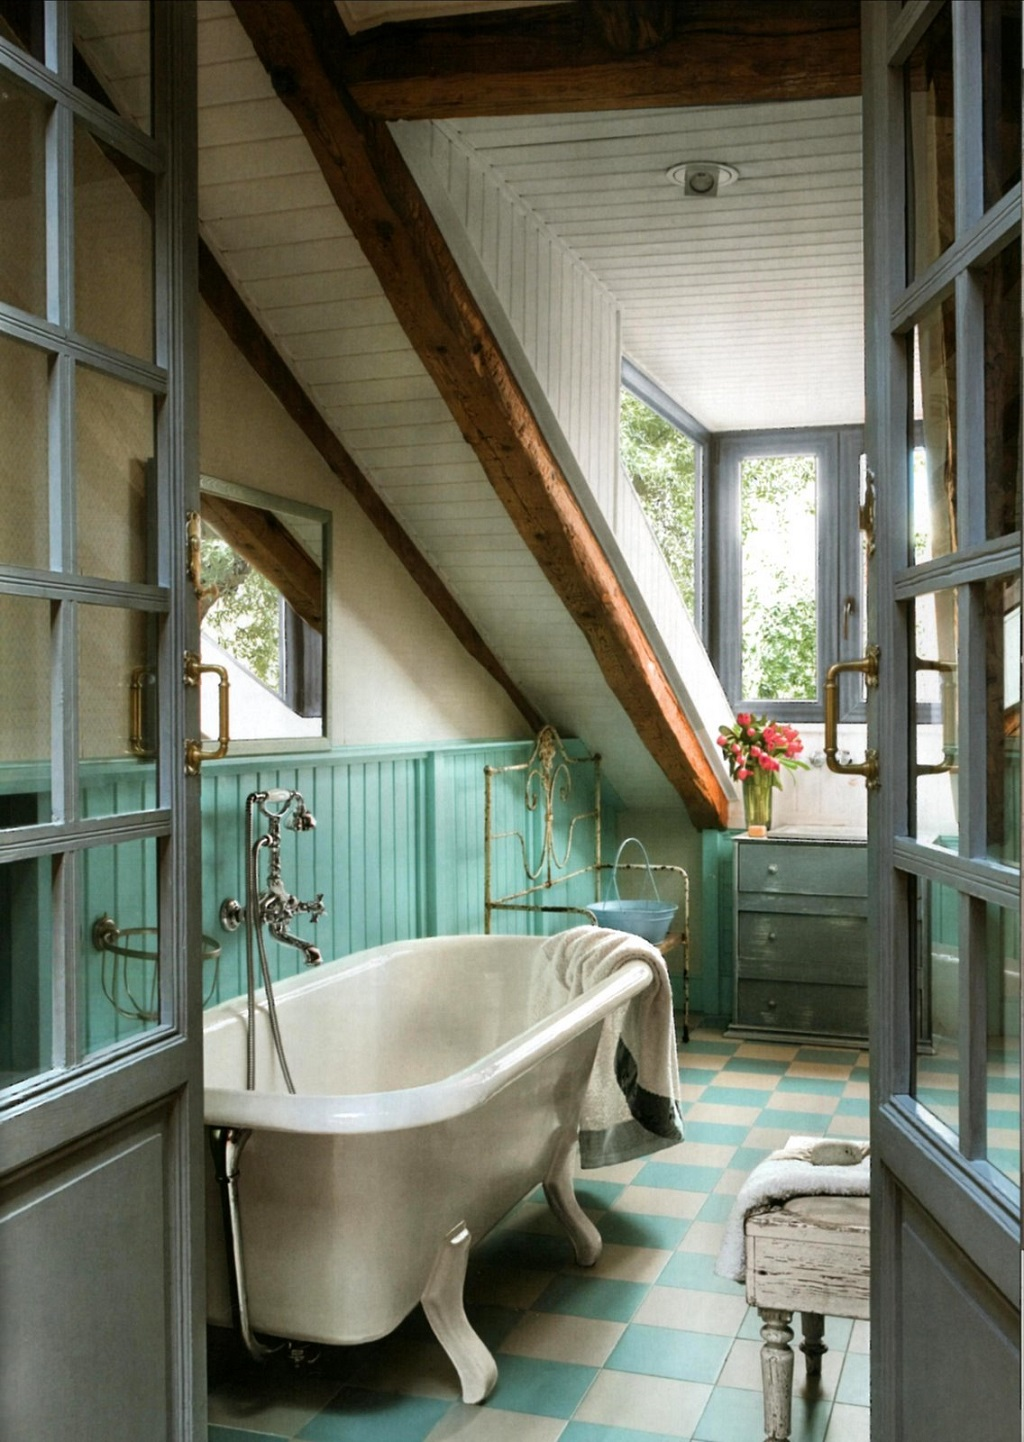 Iluminacion Baño Vintage:Fotos de baños vintage (32/52)